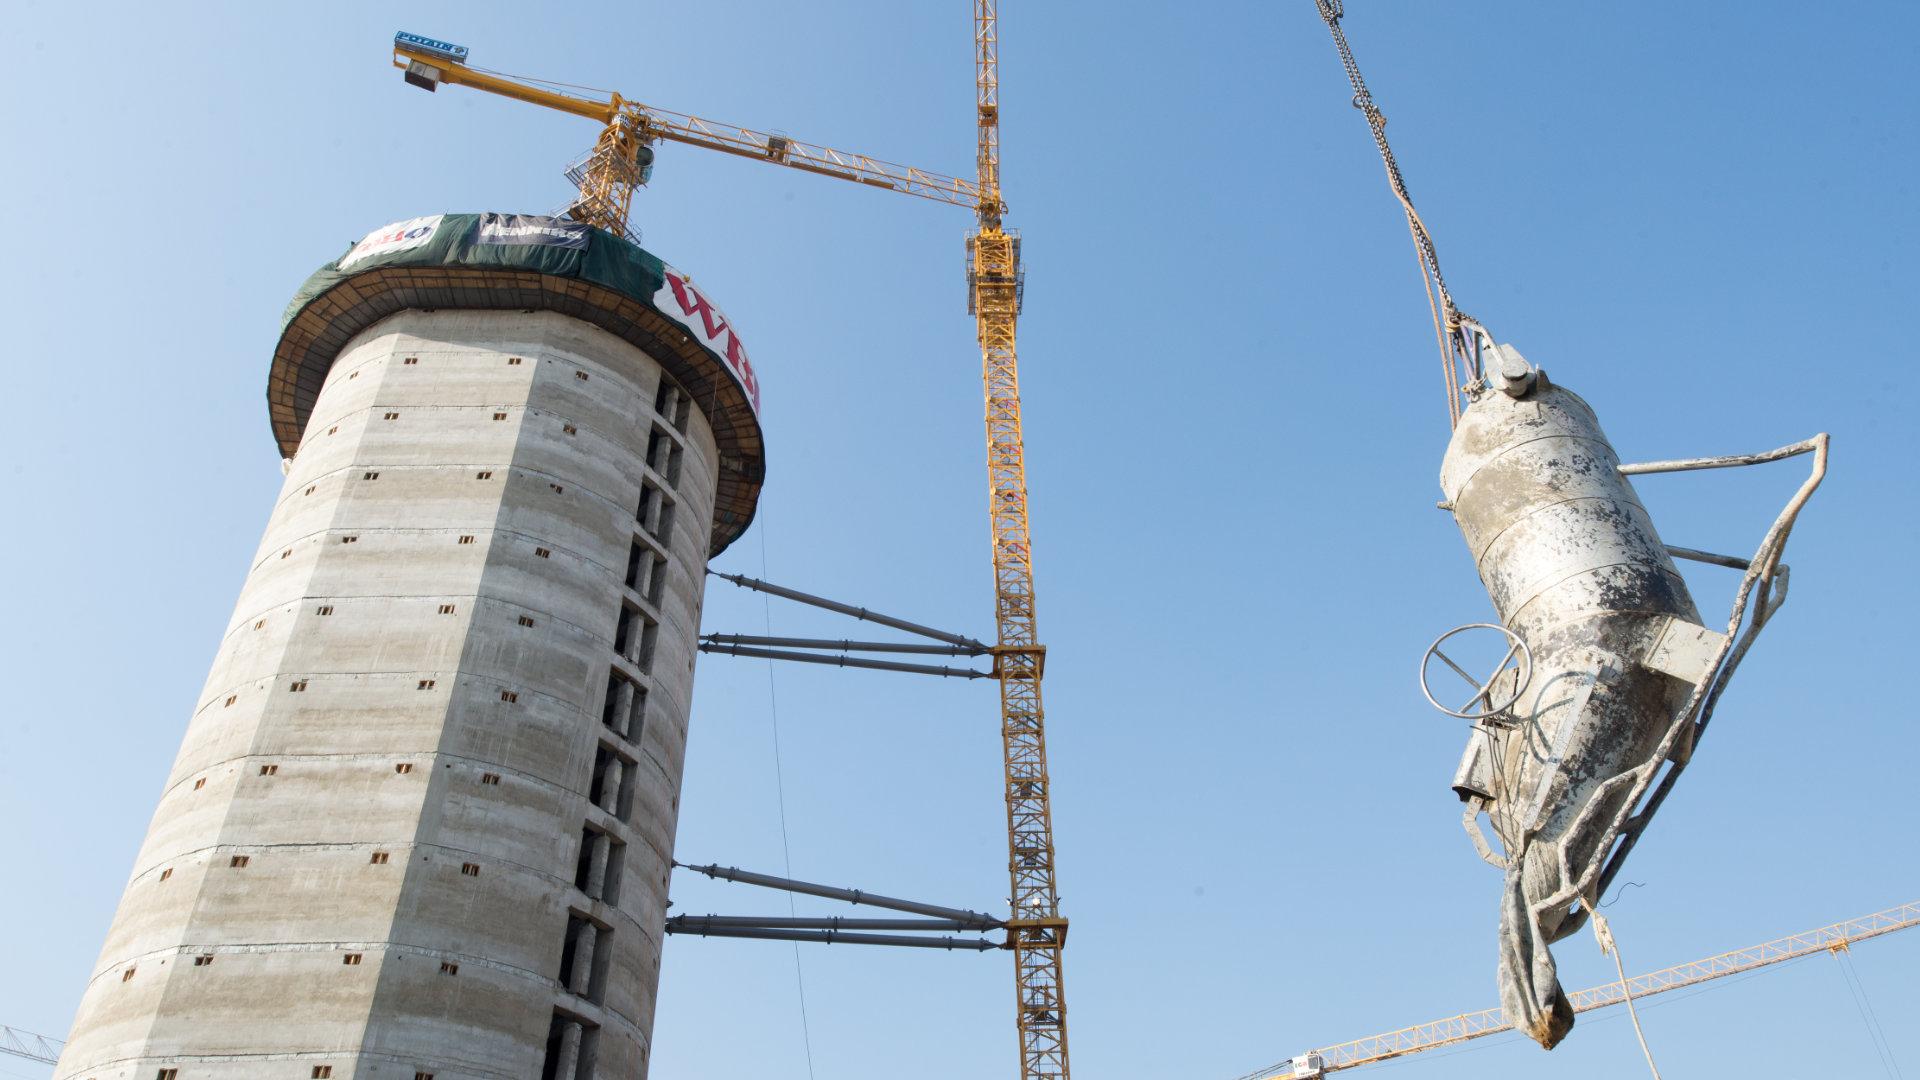 PWC TOWER SLIDING WORK